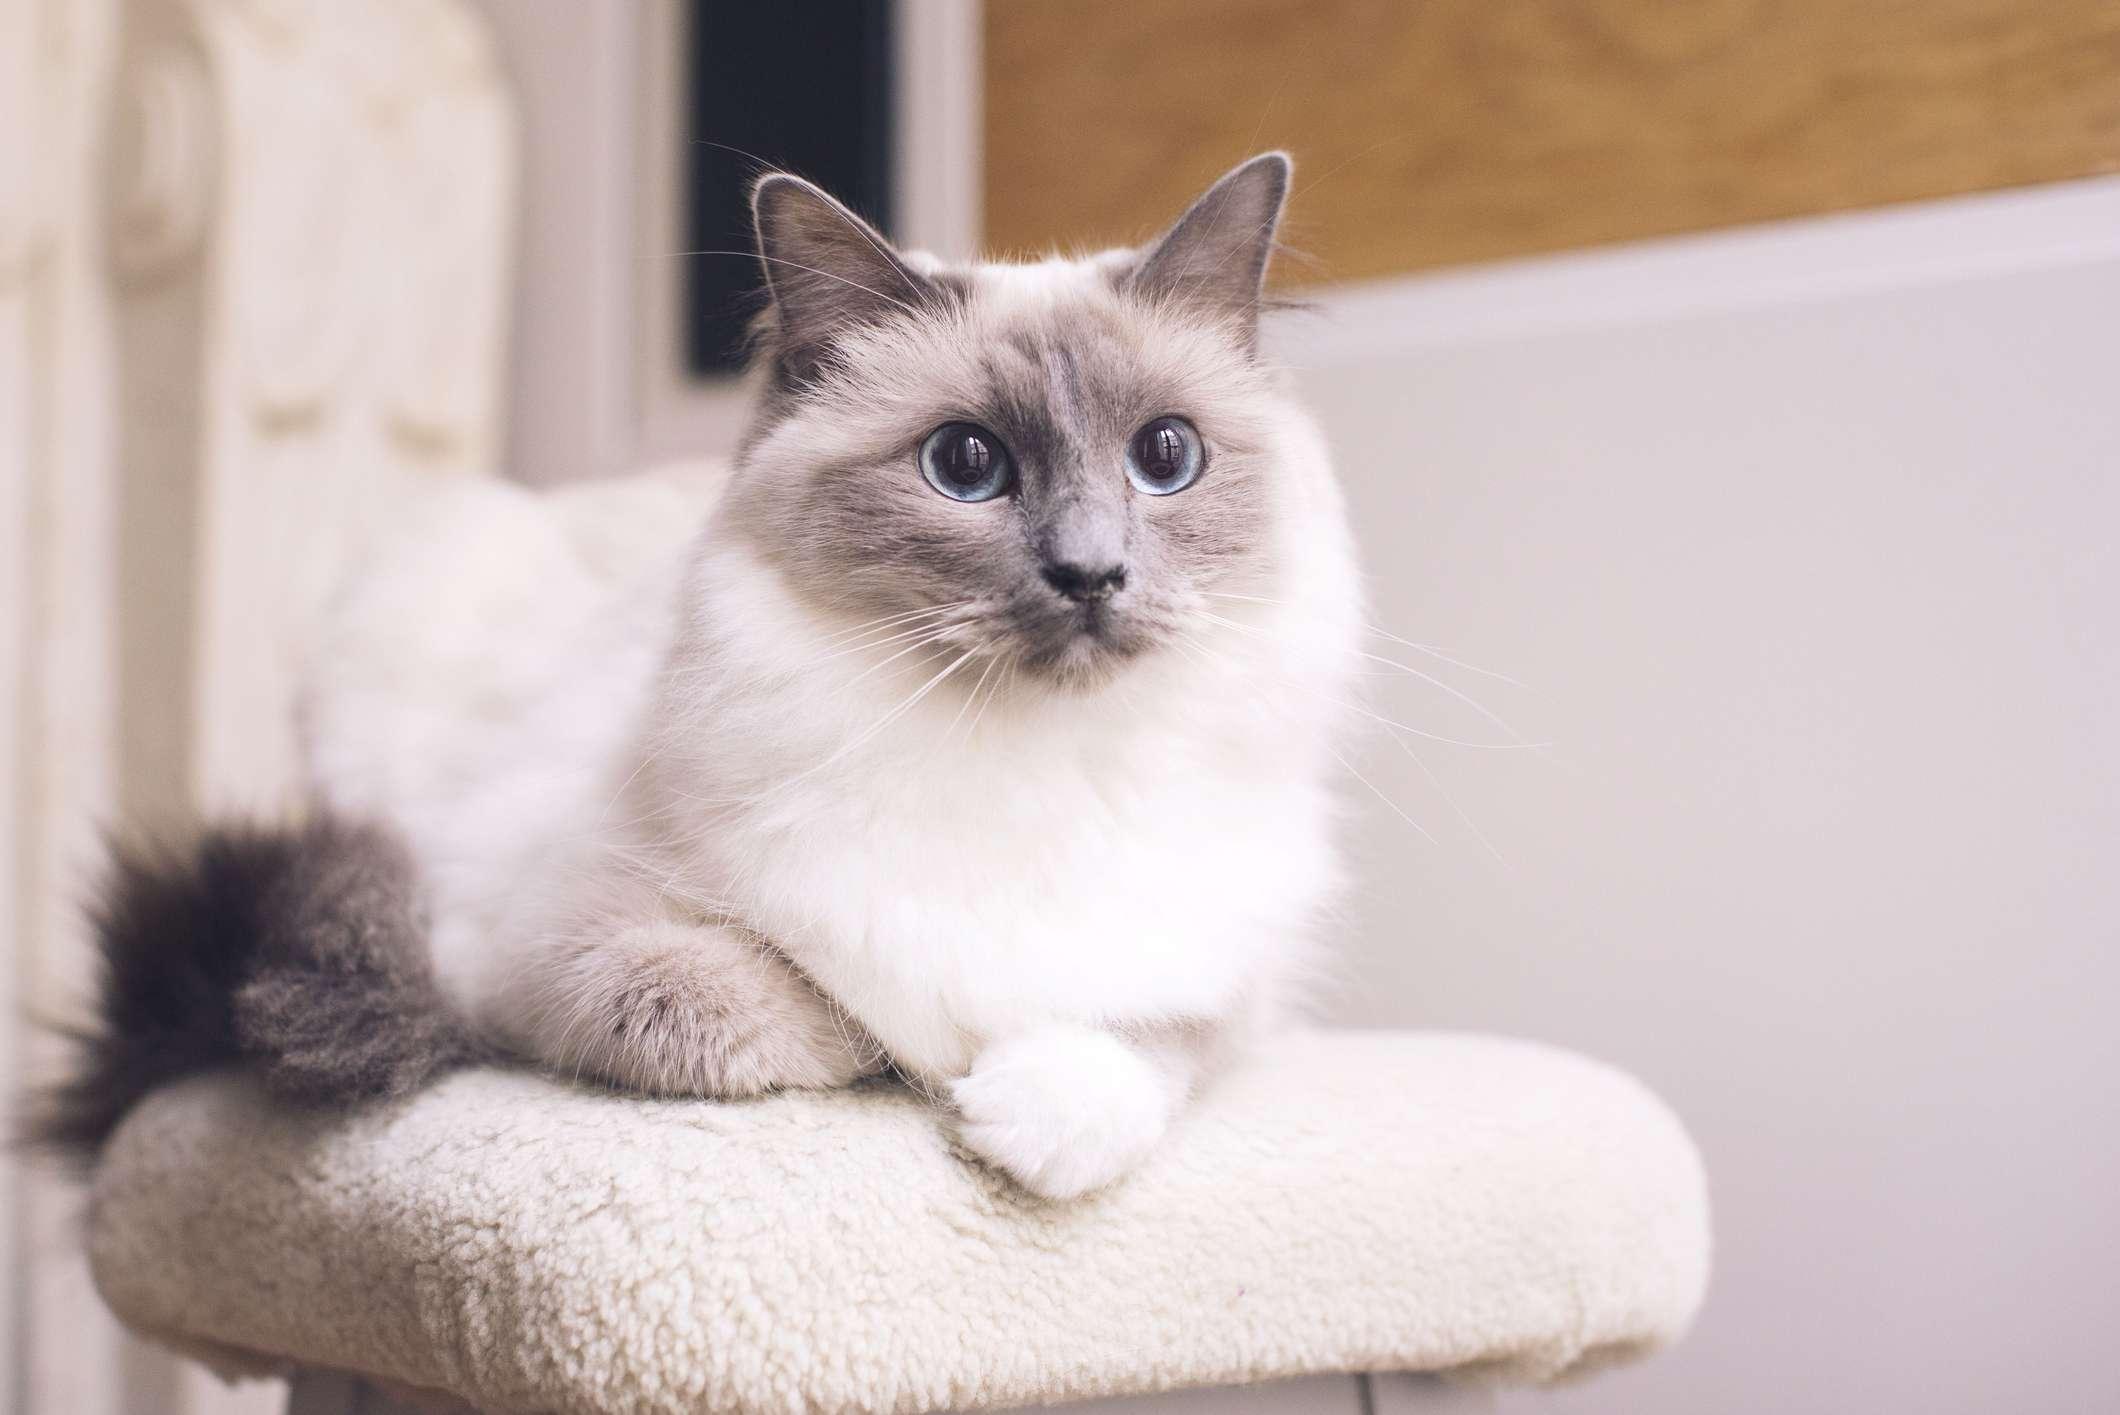 Un gato blanco y esponjoso con marcas grises en la cola, las orejas y la cara sentado en un árbol de gato blanco